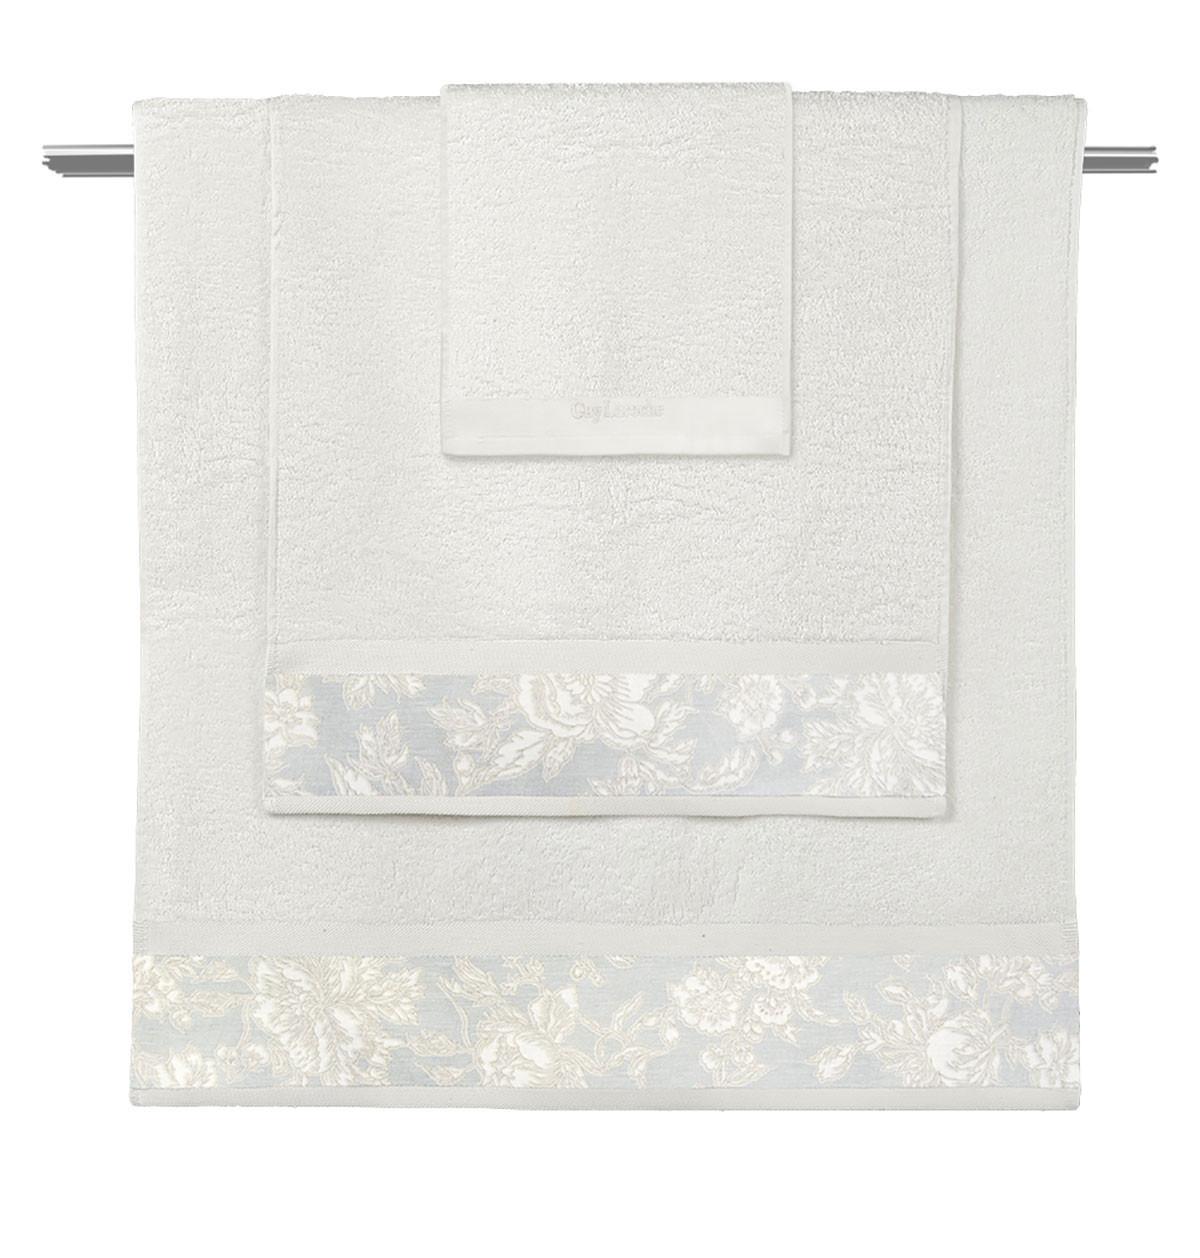 Πετσέτες Μπάνιου (Σετ 3τμχ) Guy Laroche Sylvie Ivory/Pastel Blue